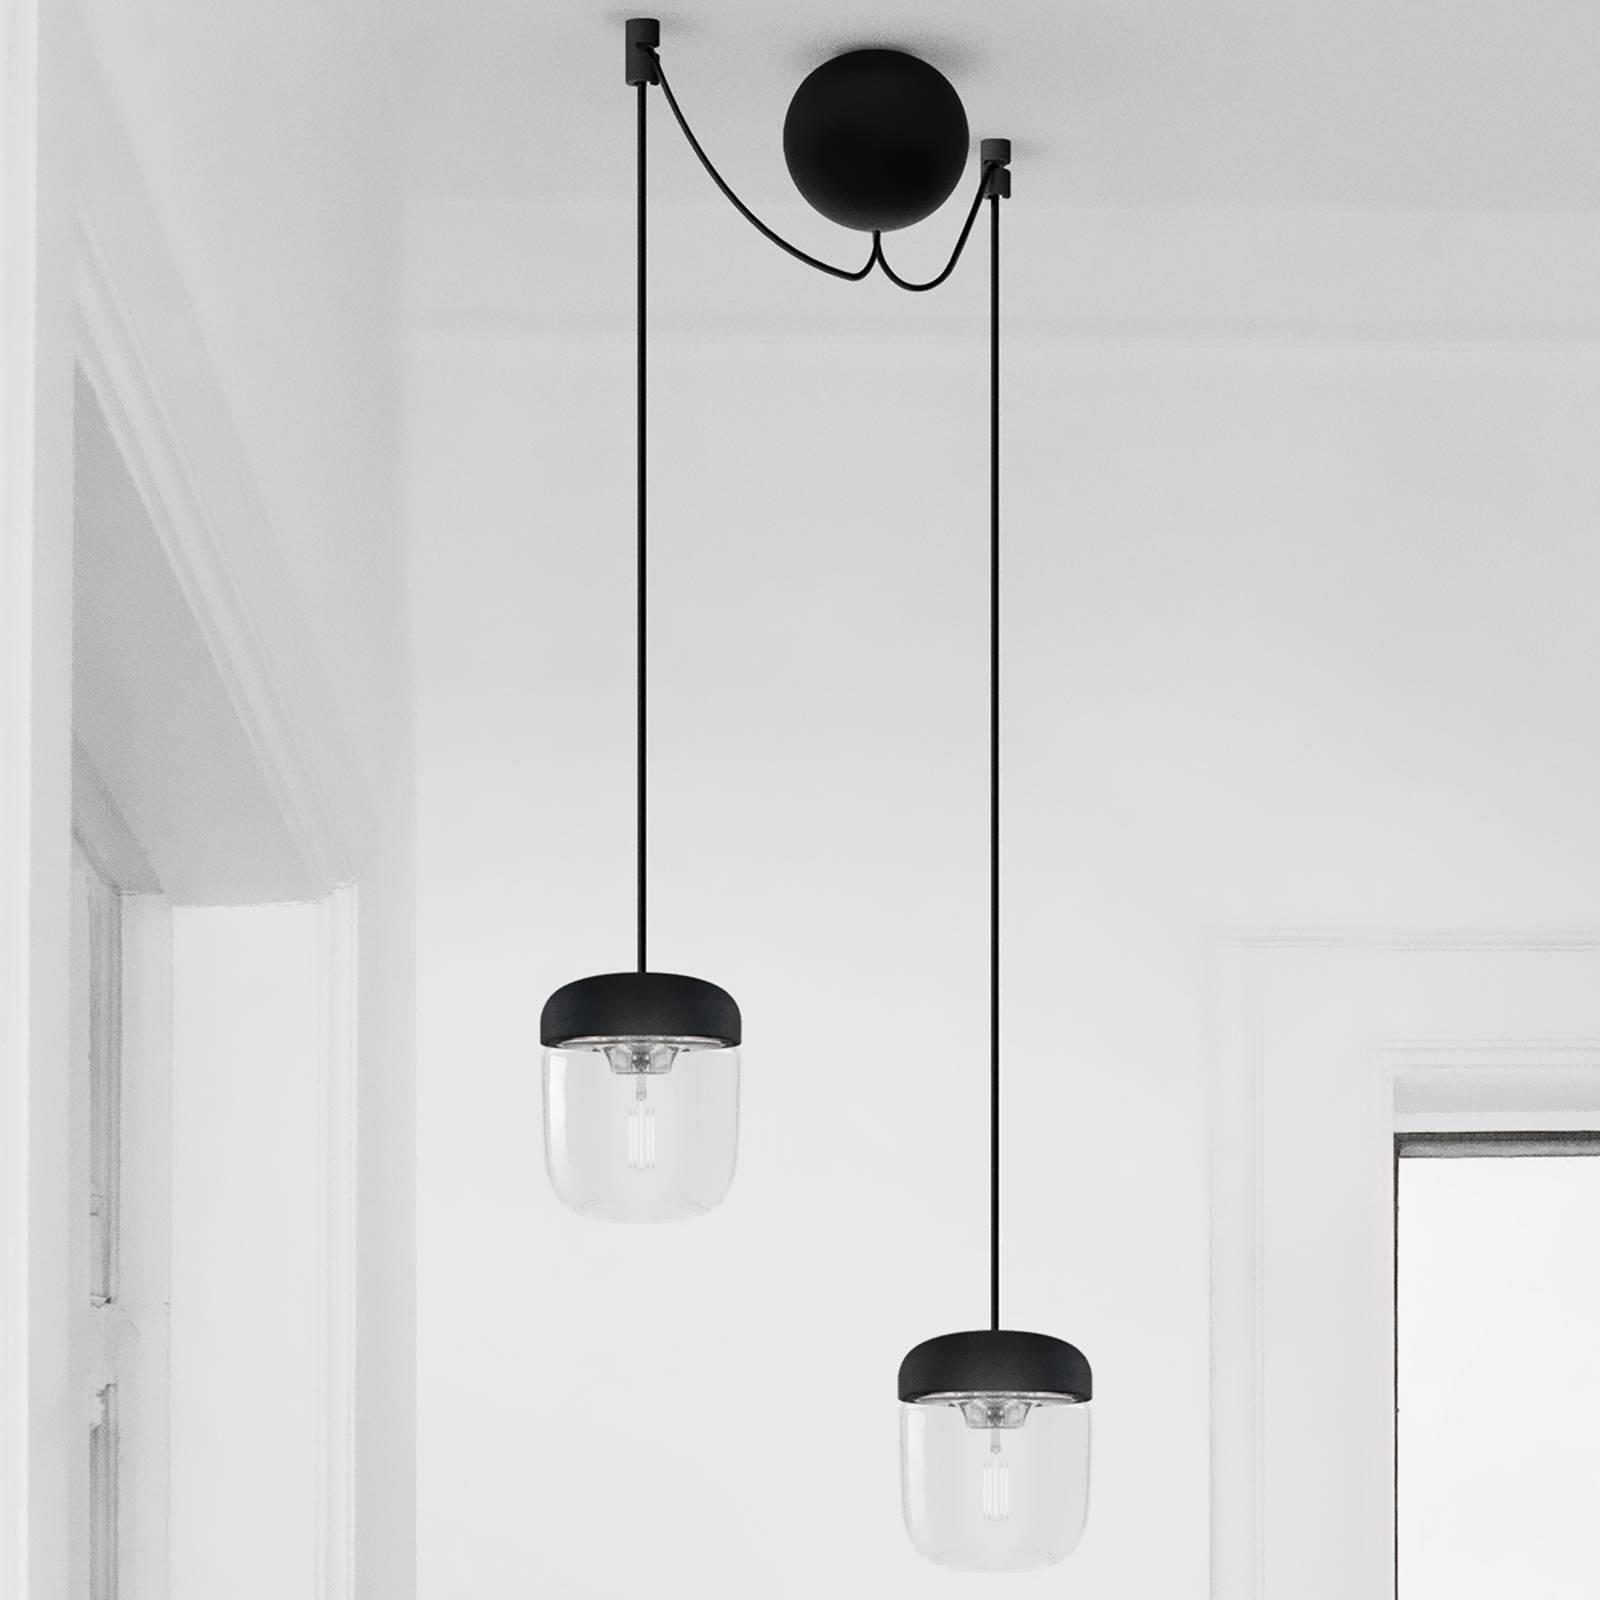 Riippuvalaisin Acorn, 2 lamppua, musta ja teräs